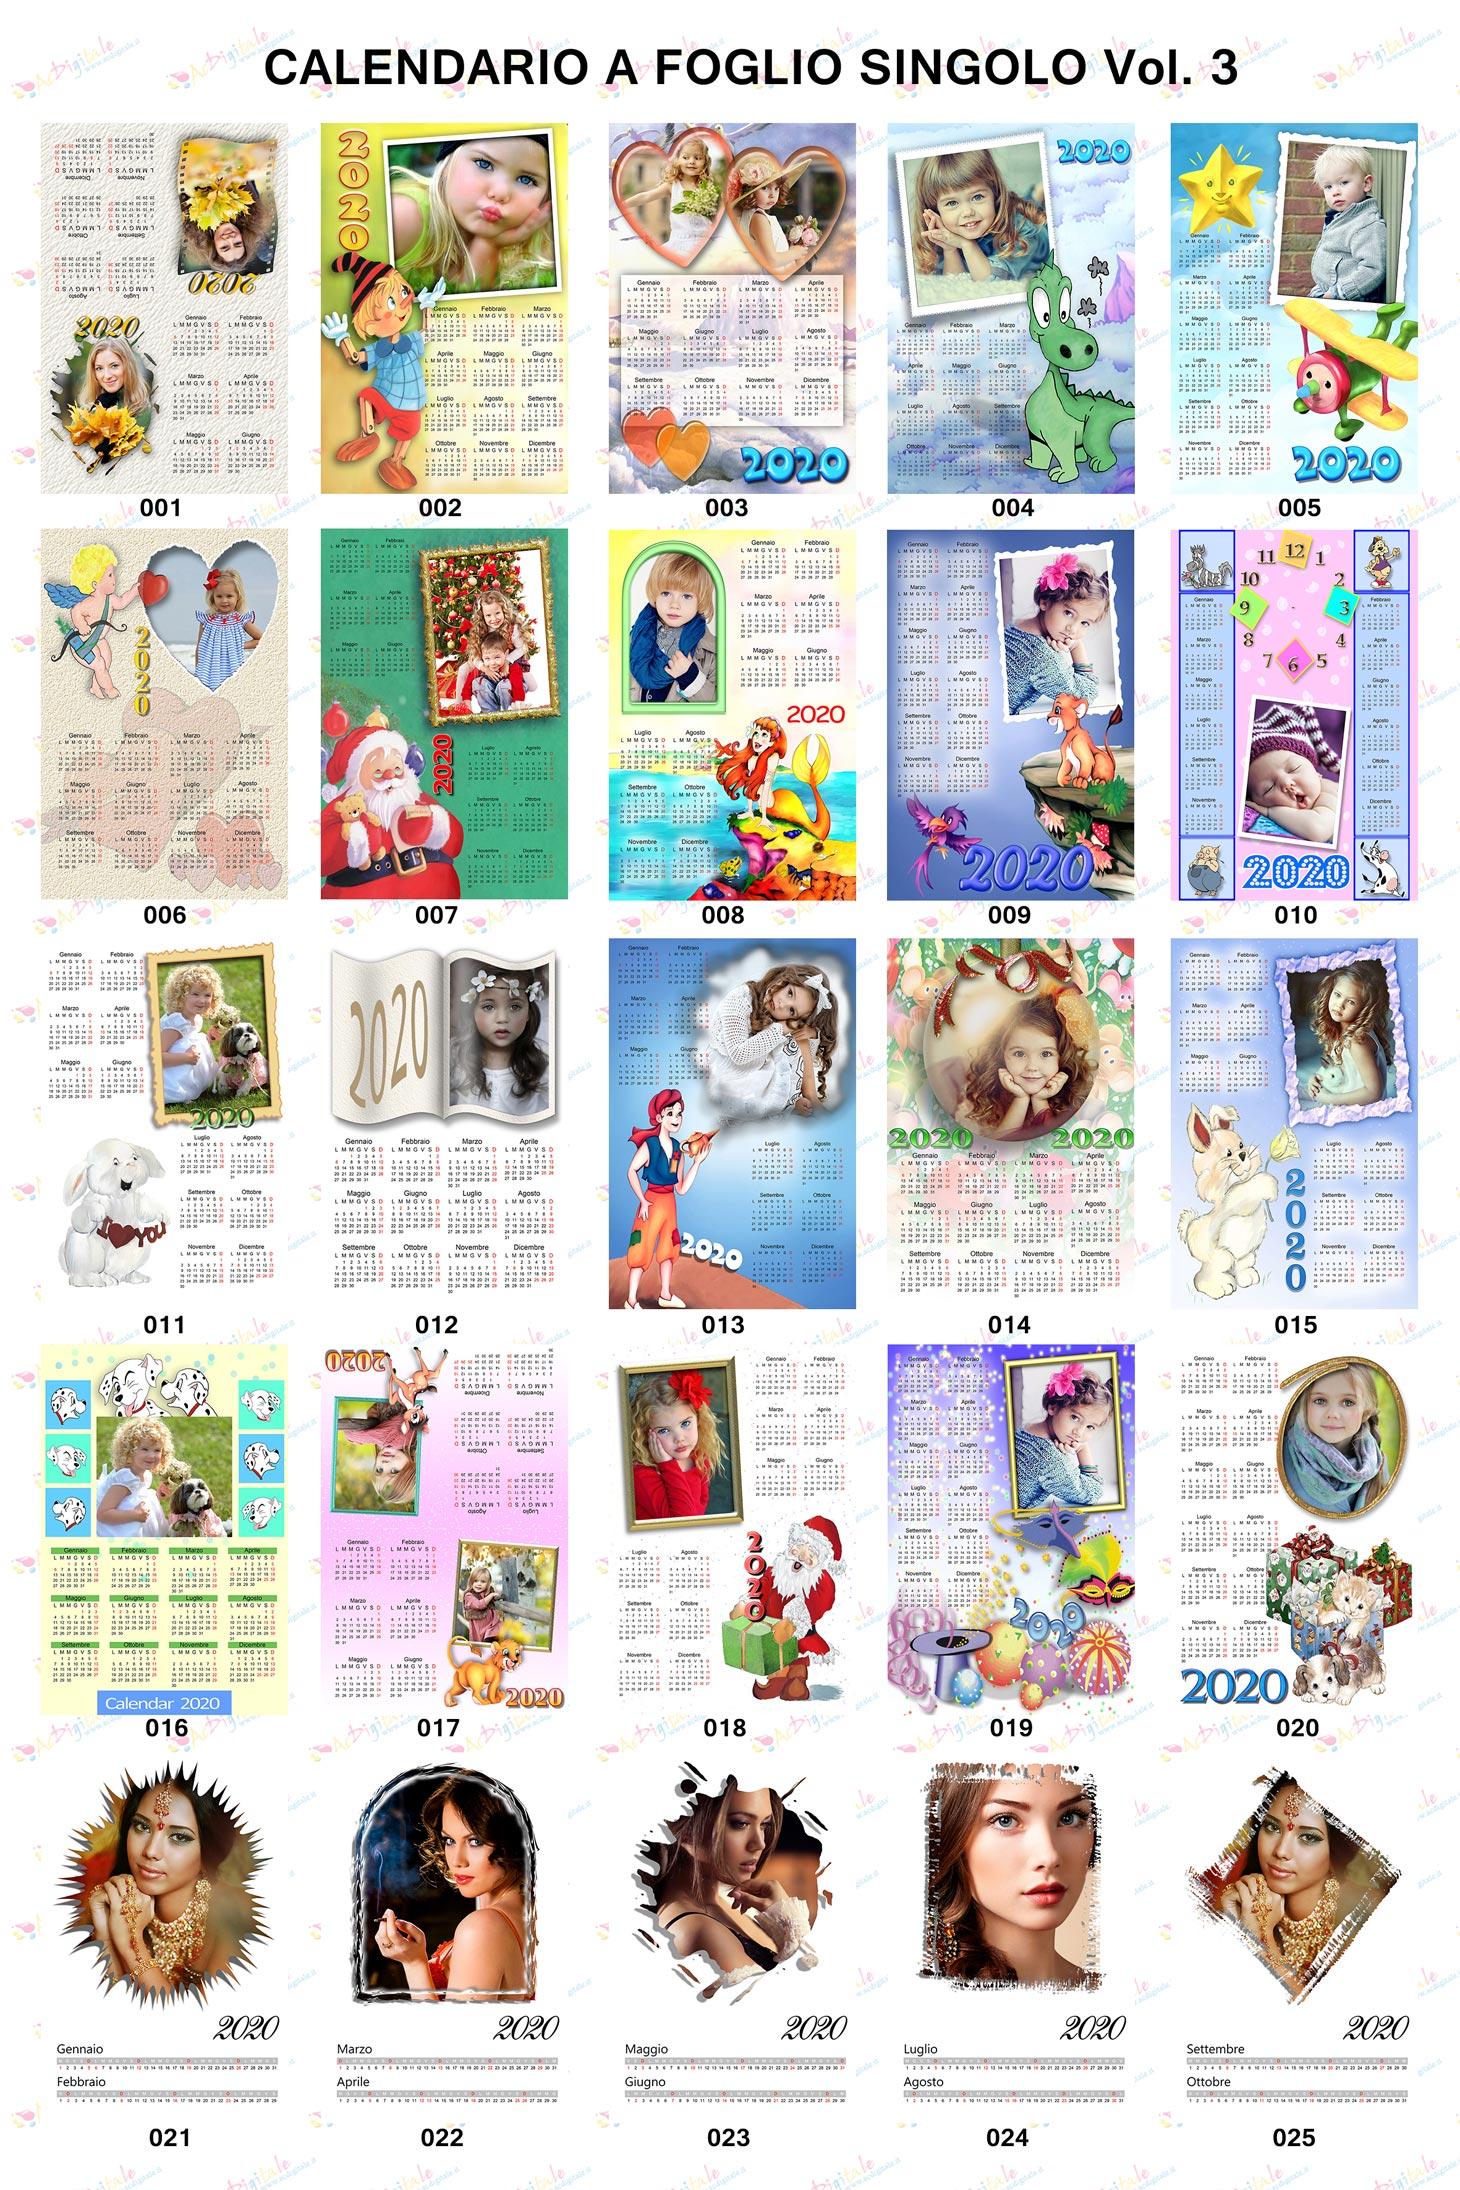 Anteprima Calendari personalizzati 2020 Volume 3